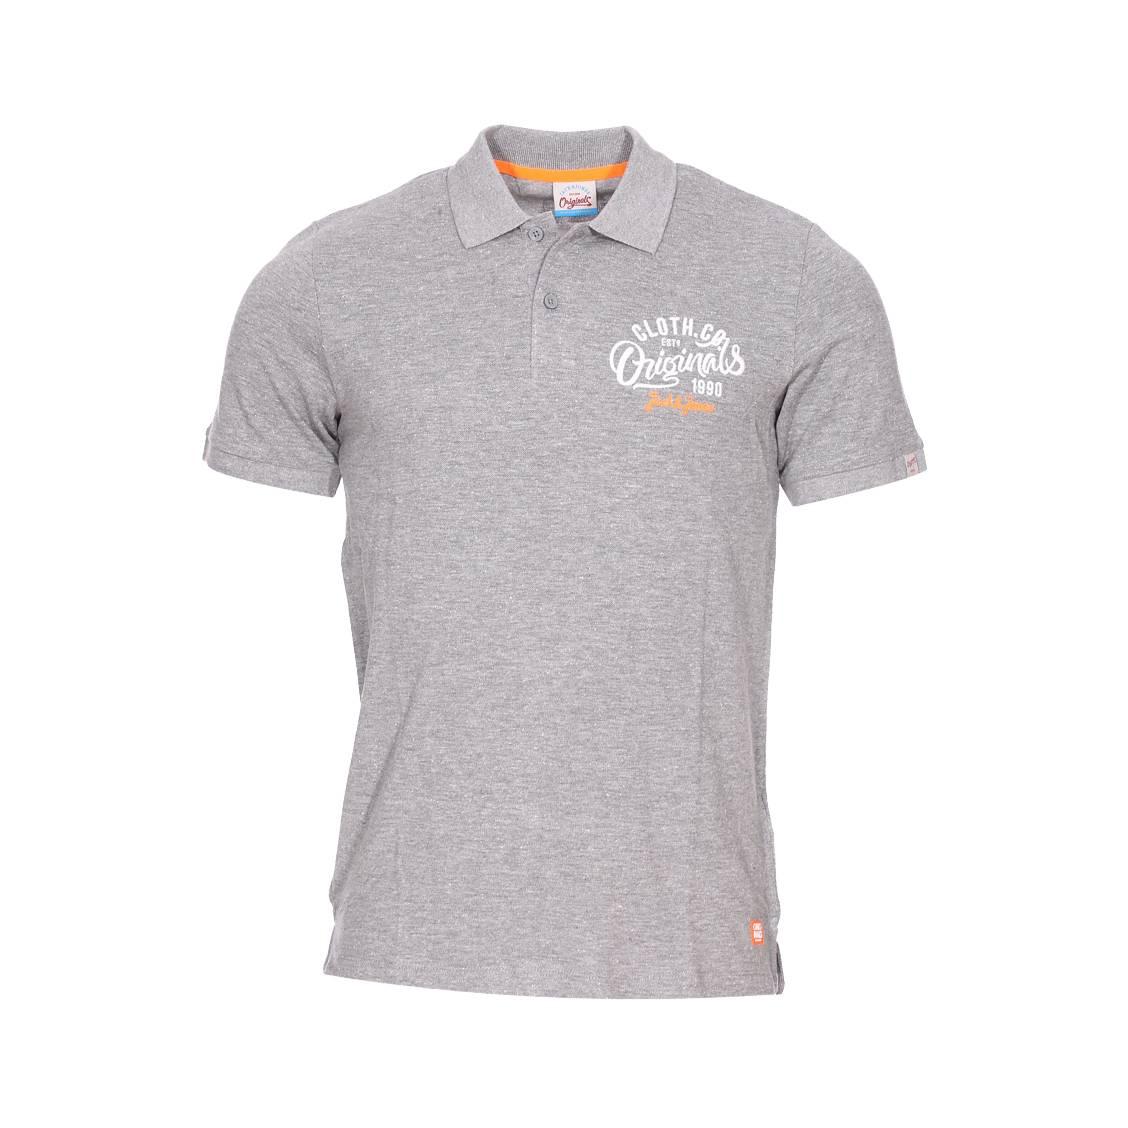 Polo Jack Jones en coton mélangé gris chiné brodé en orange et blanc ... 81cf8329ac5a